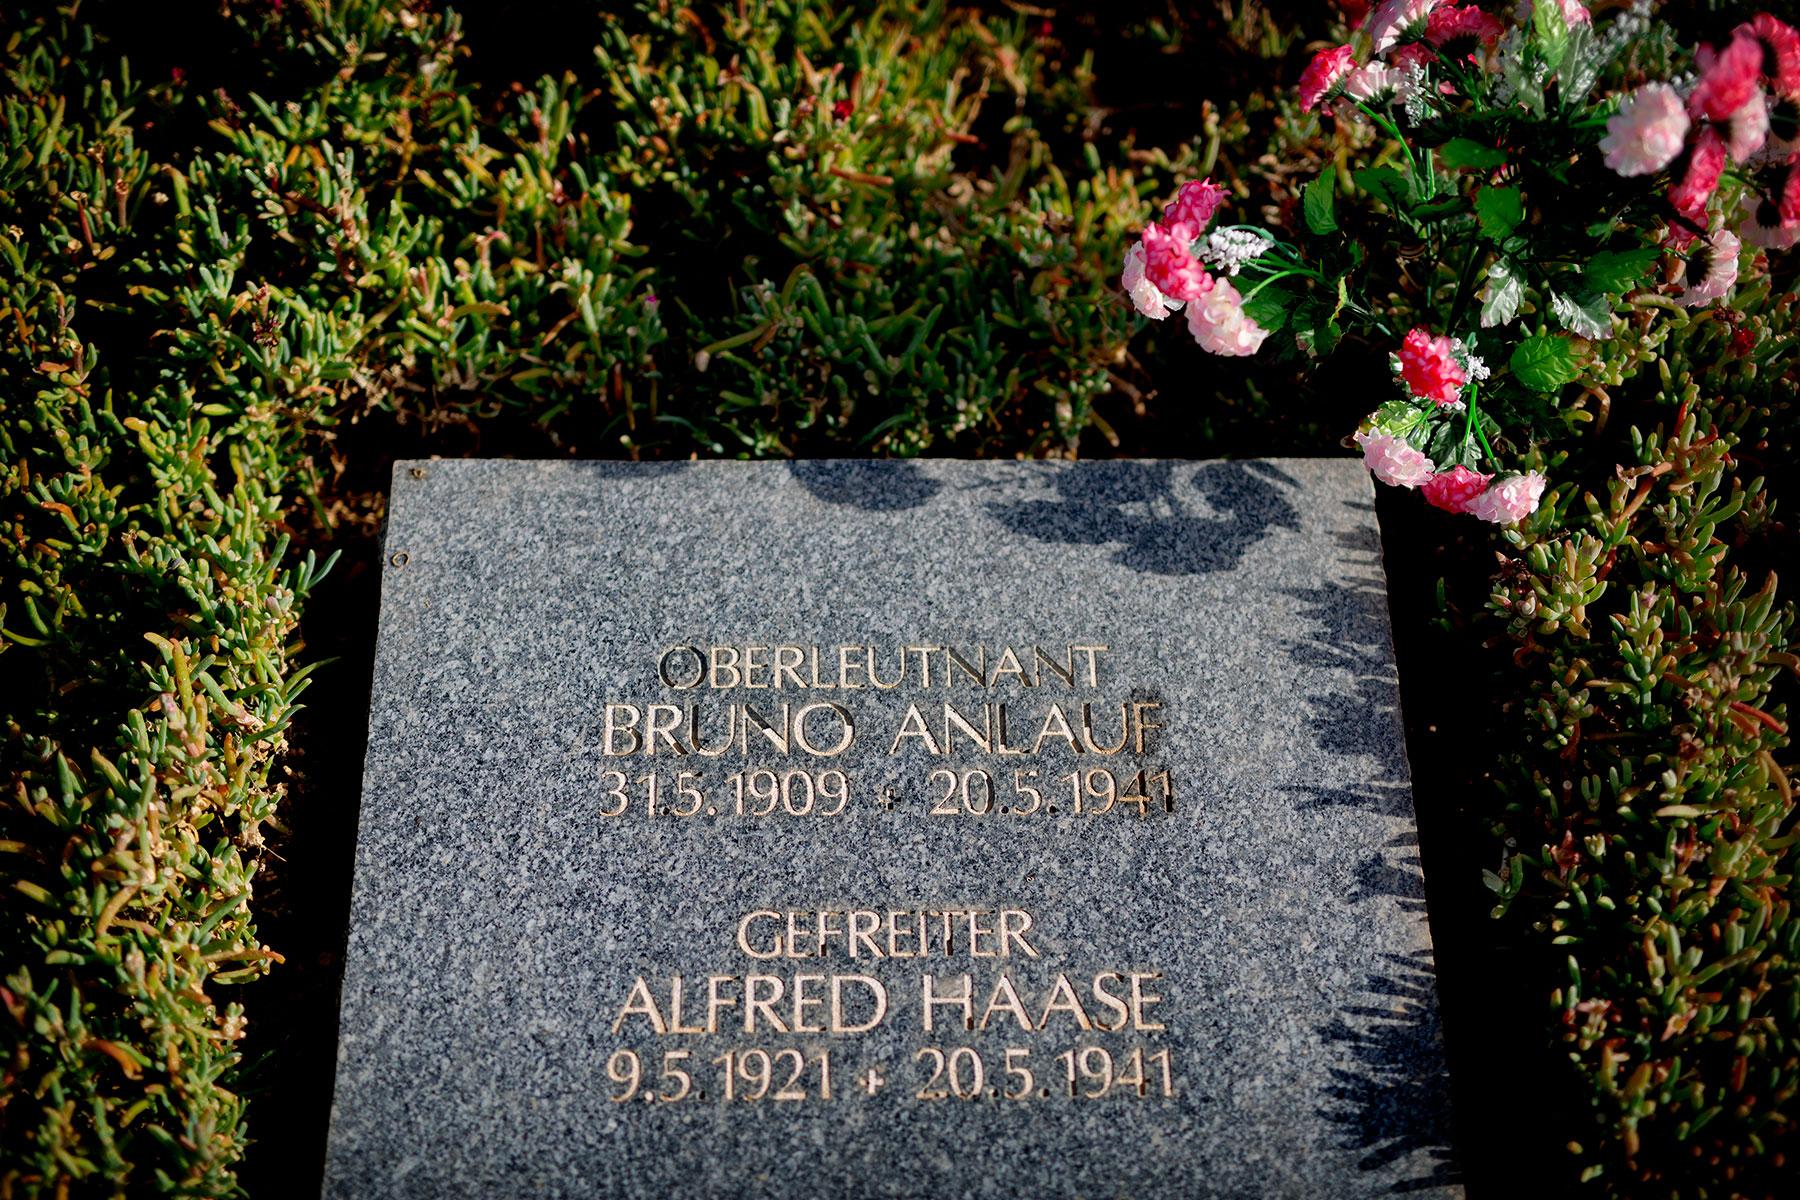 blogg-190501deutschersoldatenfriedhof7.jpg